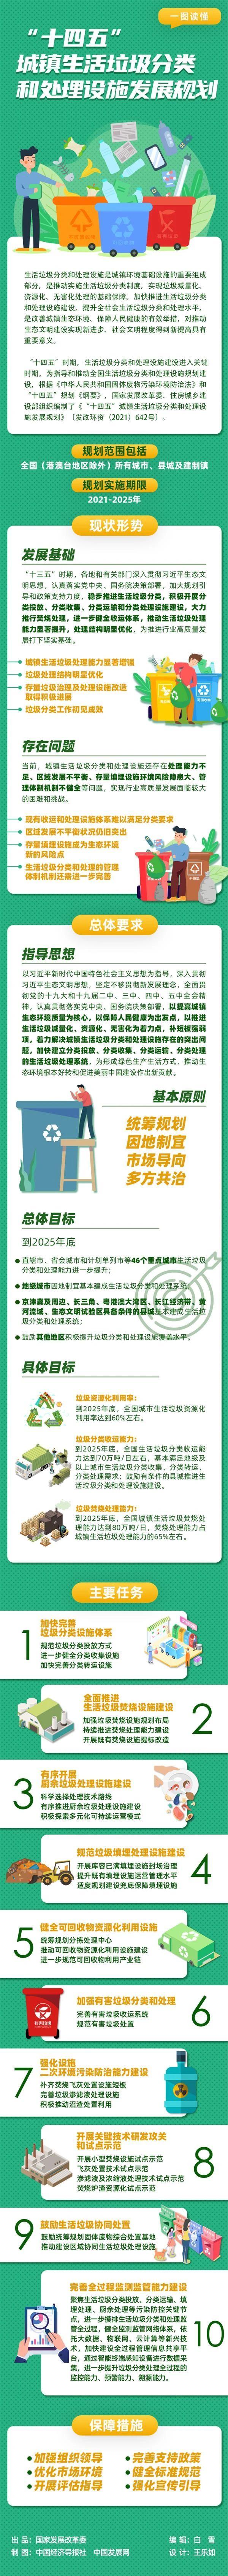 """一图读懂""""十四五""""城镇生活垃圾分类和处理设施发展规划"""